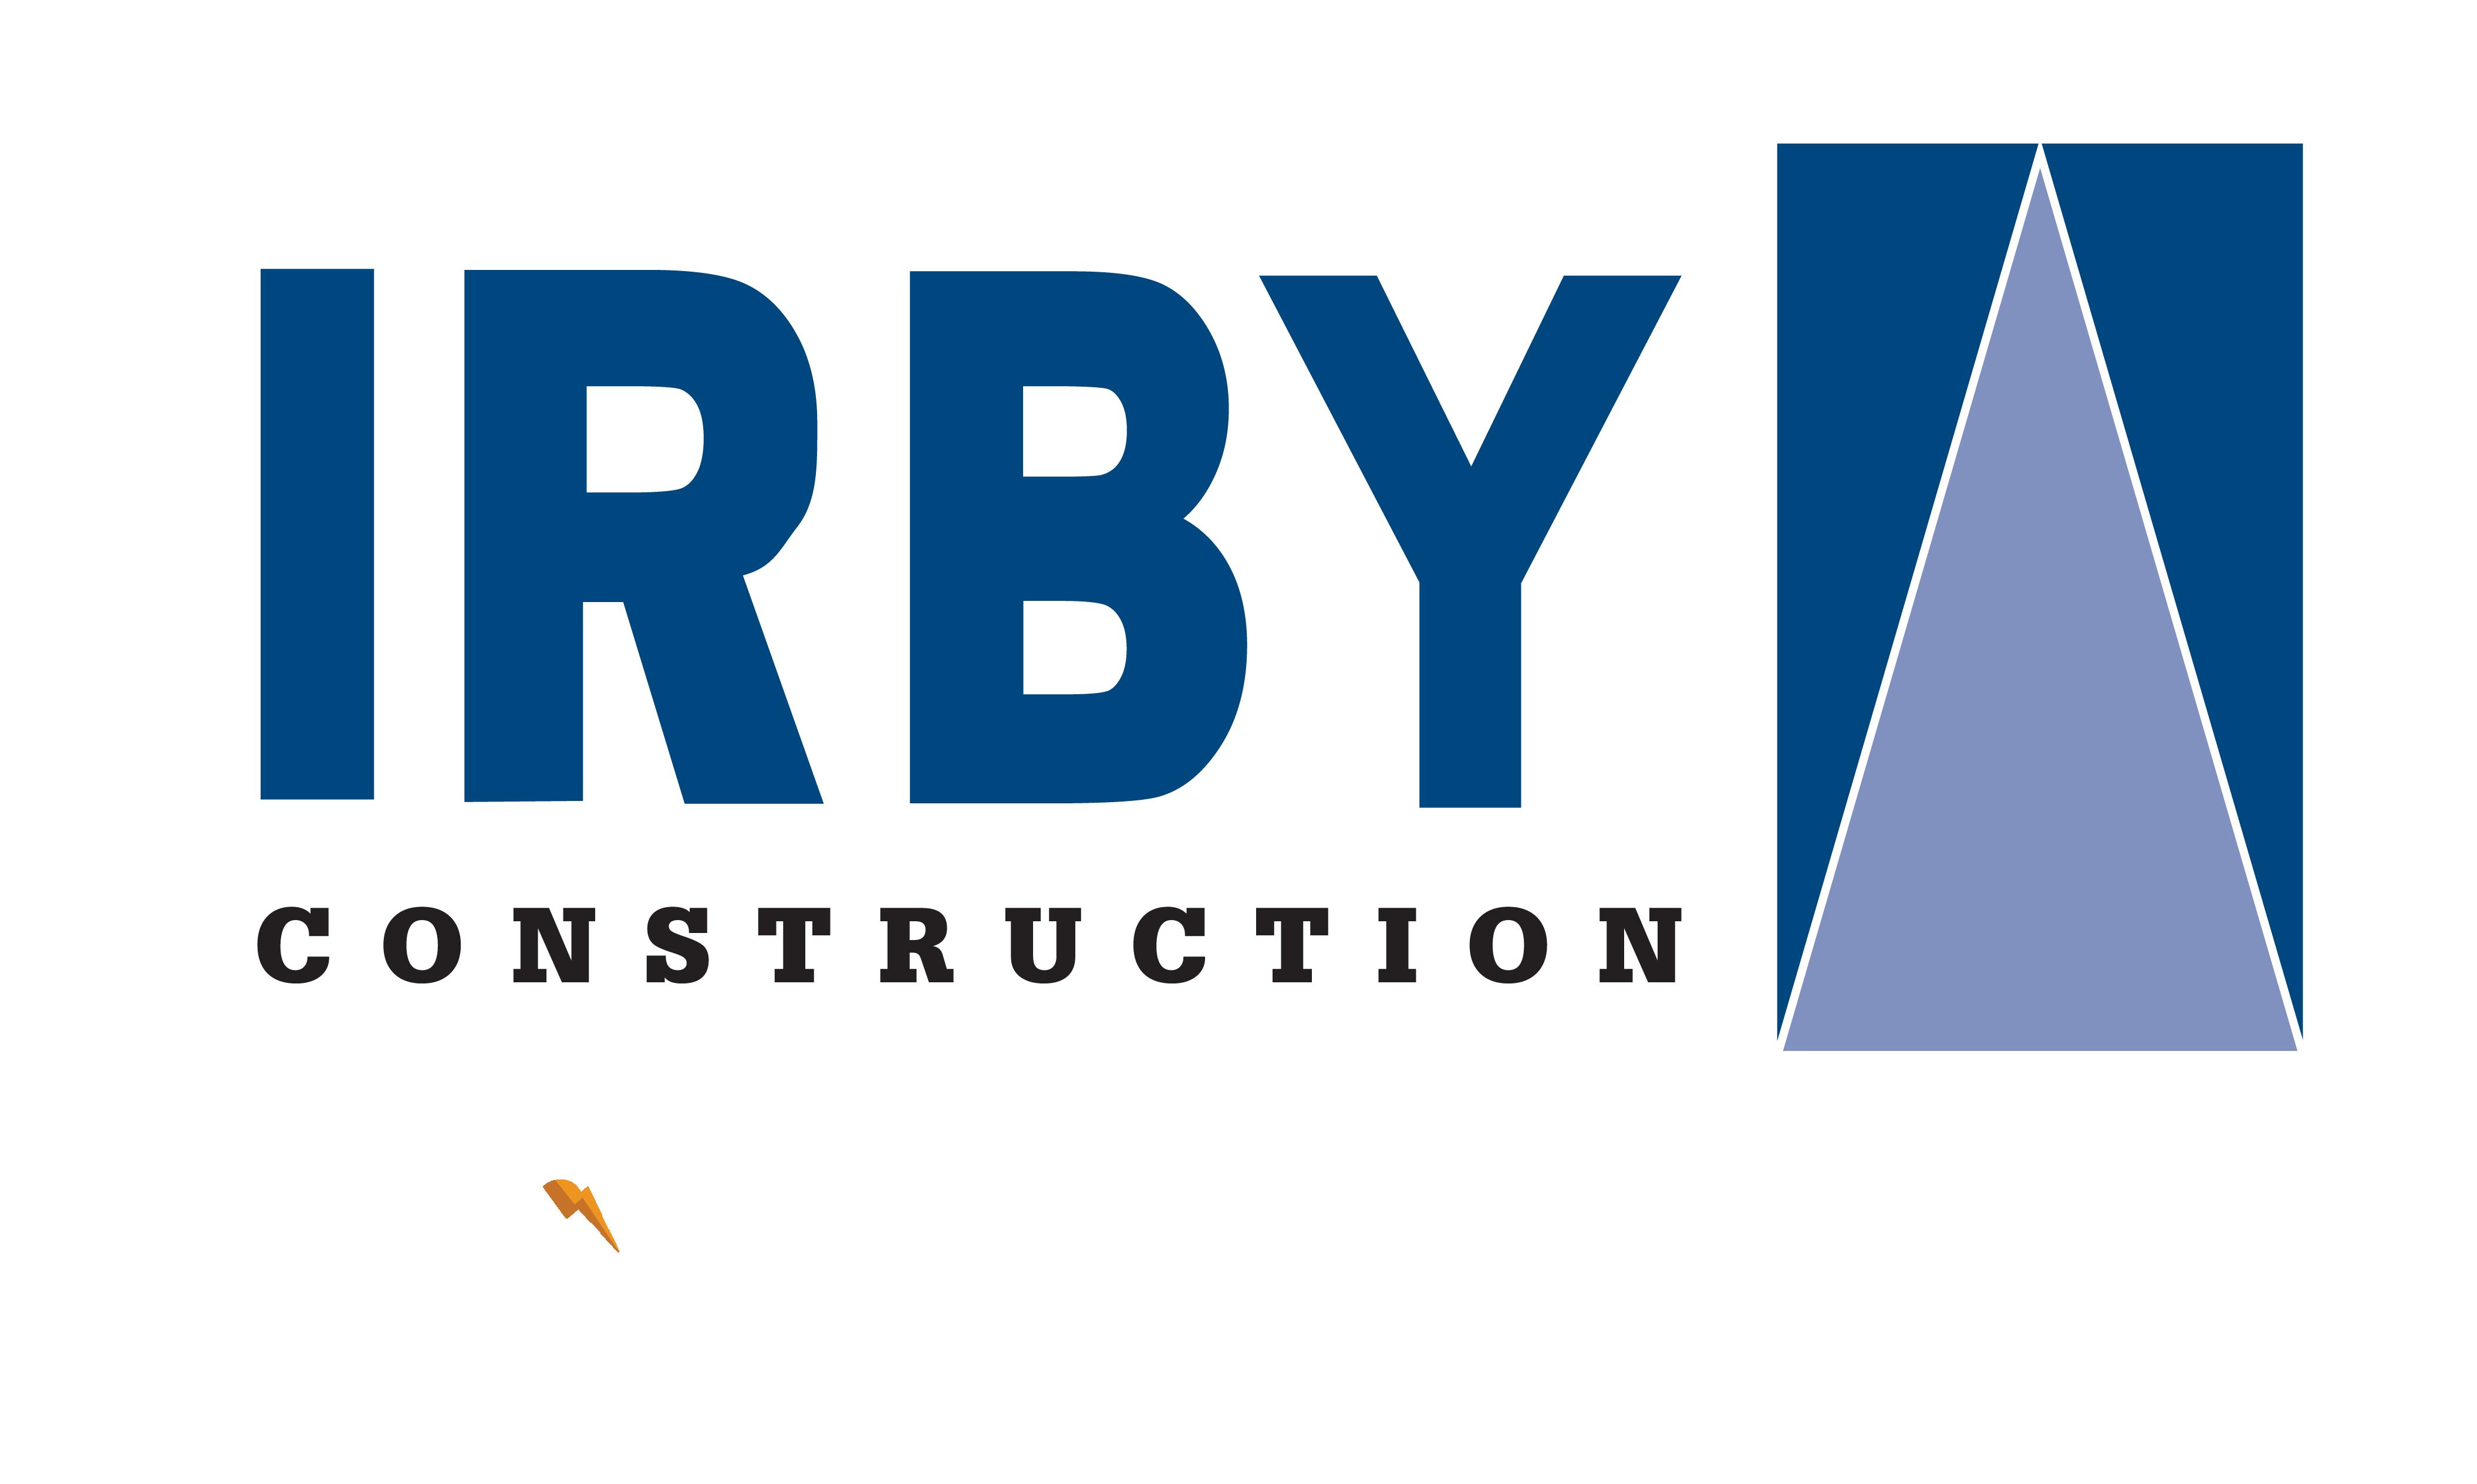 Irby Construction Company Logo